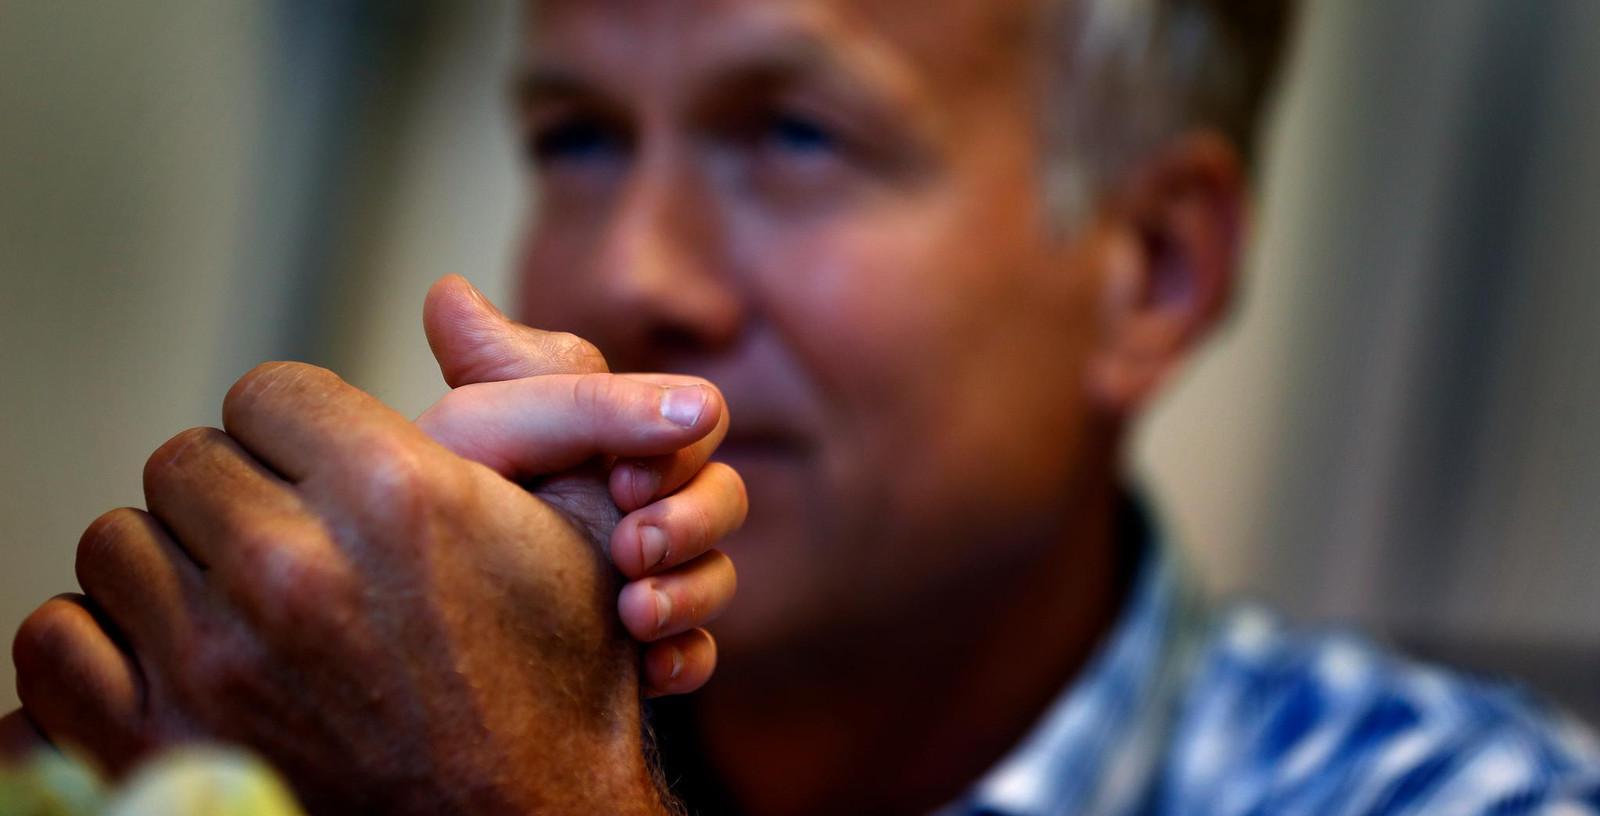 Hoogleraar Eduard Verhagen van het Universitair Medisch Centrum in Groningen. Verhagen pleit voor de mogelijkheid tot euthanasie voor doodzieke kinderen onder de 12 jaar die ondraaglijk lijden.